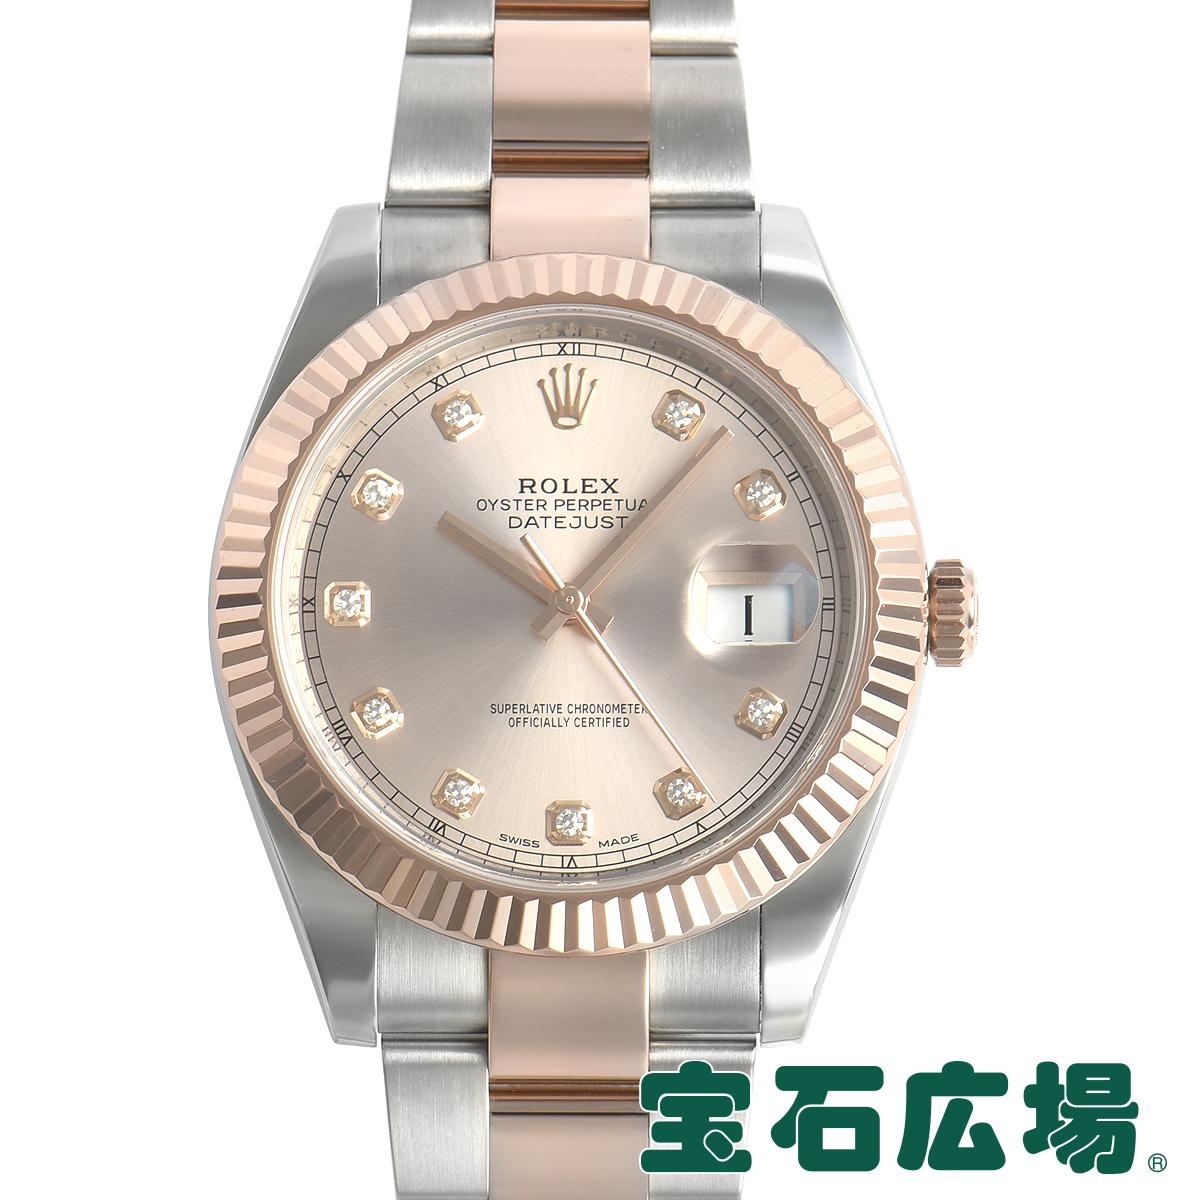 ロレックス ROLEX デイトジャスト41 126331G【中古】メンズ 腕時計 送料・代引手数料無料